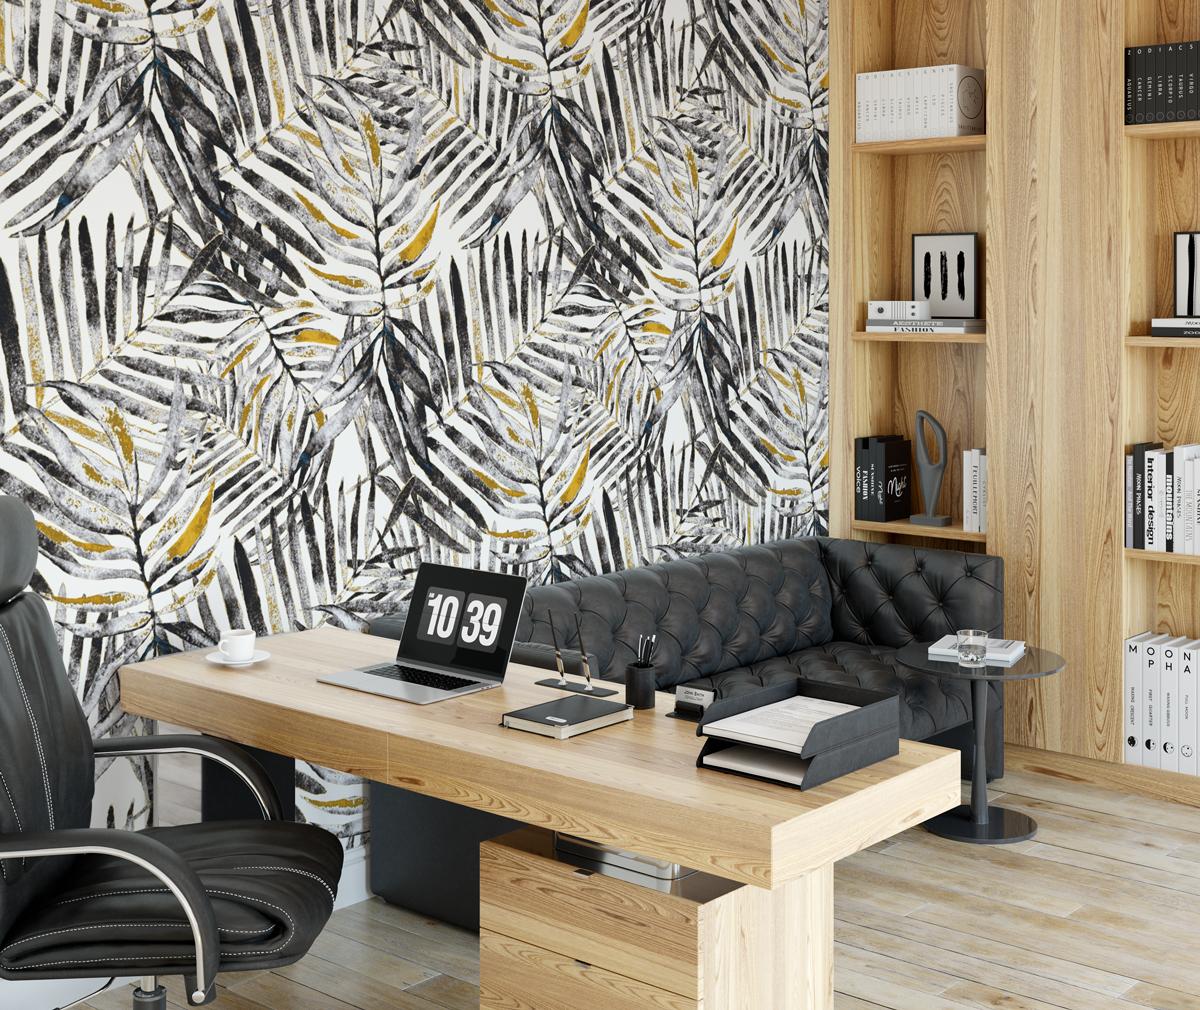 Tapeta - Monochromatyczne palmy - fototapeta.shop